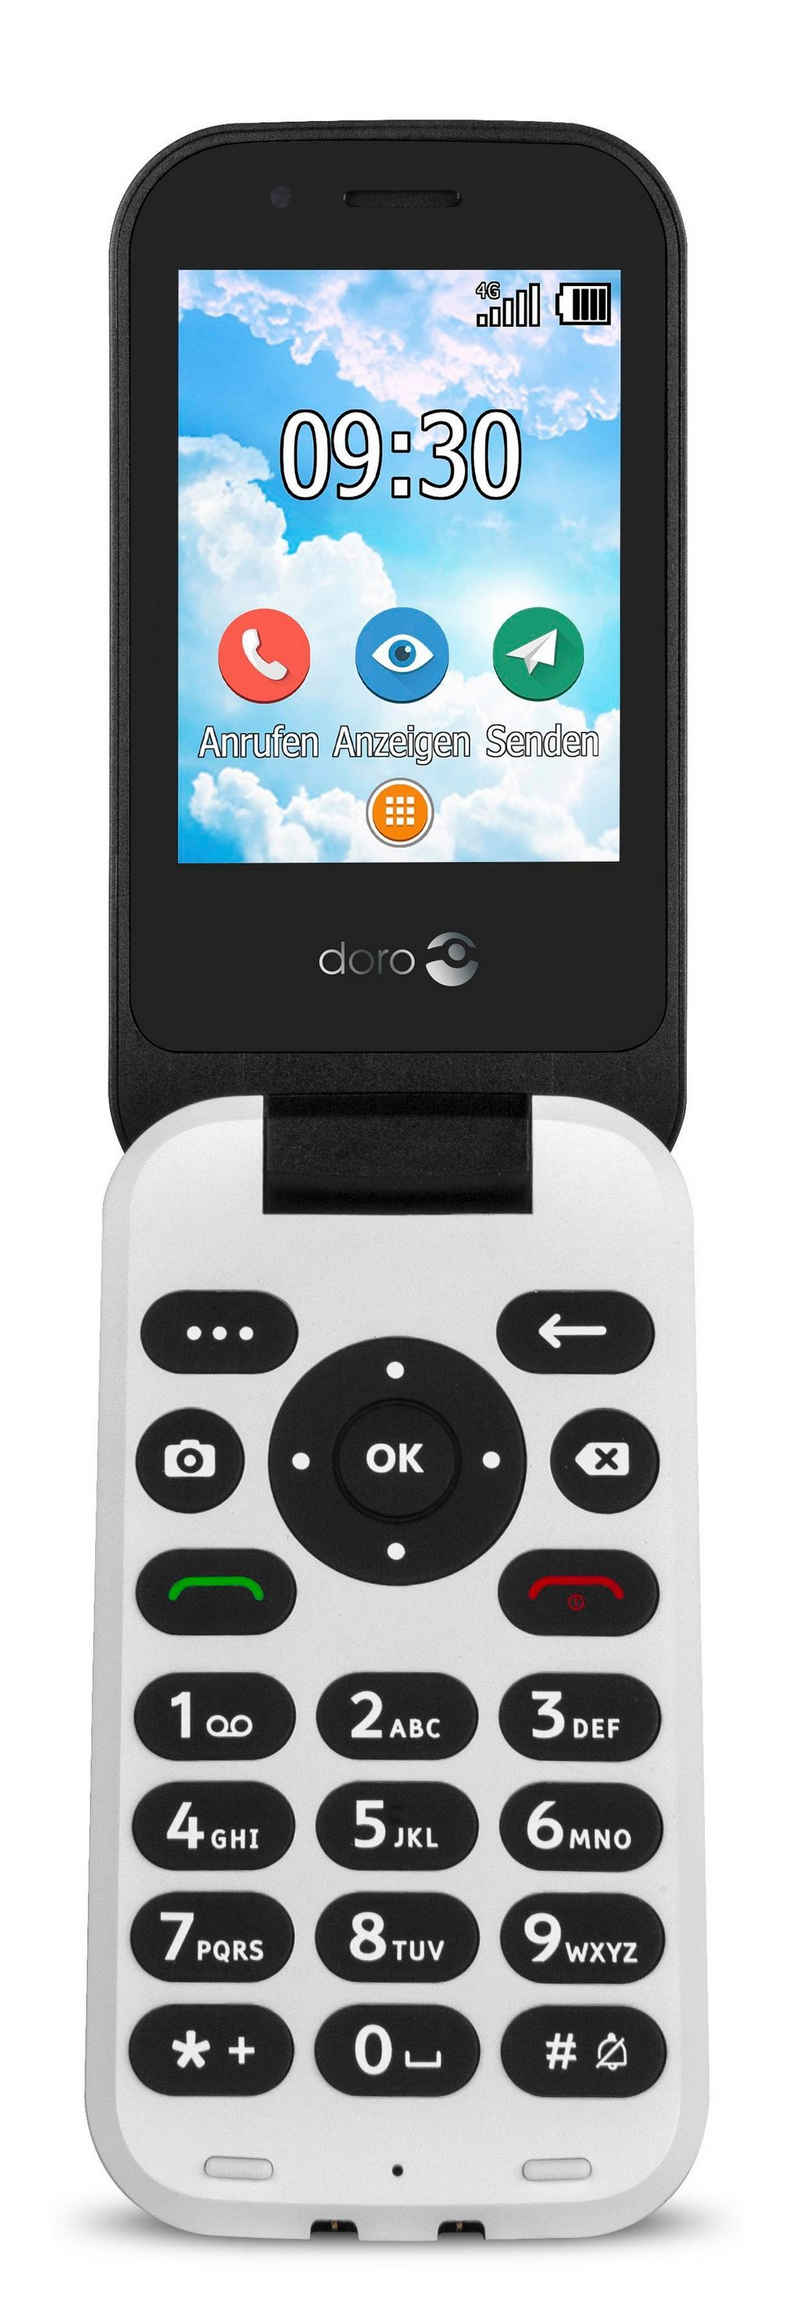 Doro 7030 schwarz Seniorenhandy (7,11 cm/2.8 Zoll, 3 MP Kamera, GPS, Notruftaste, bis zu 500 Telefonbucheinträge, SOS, Große Tasten, Whatsapp und Facebook)